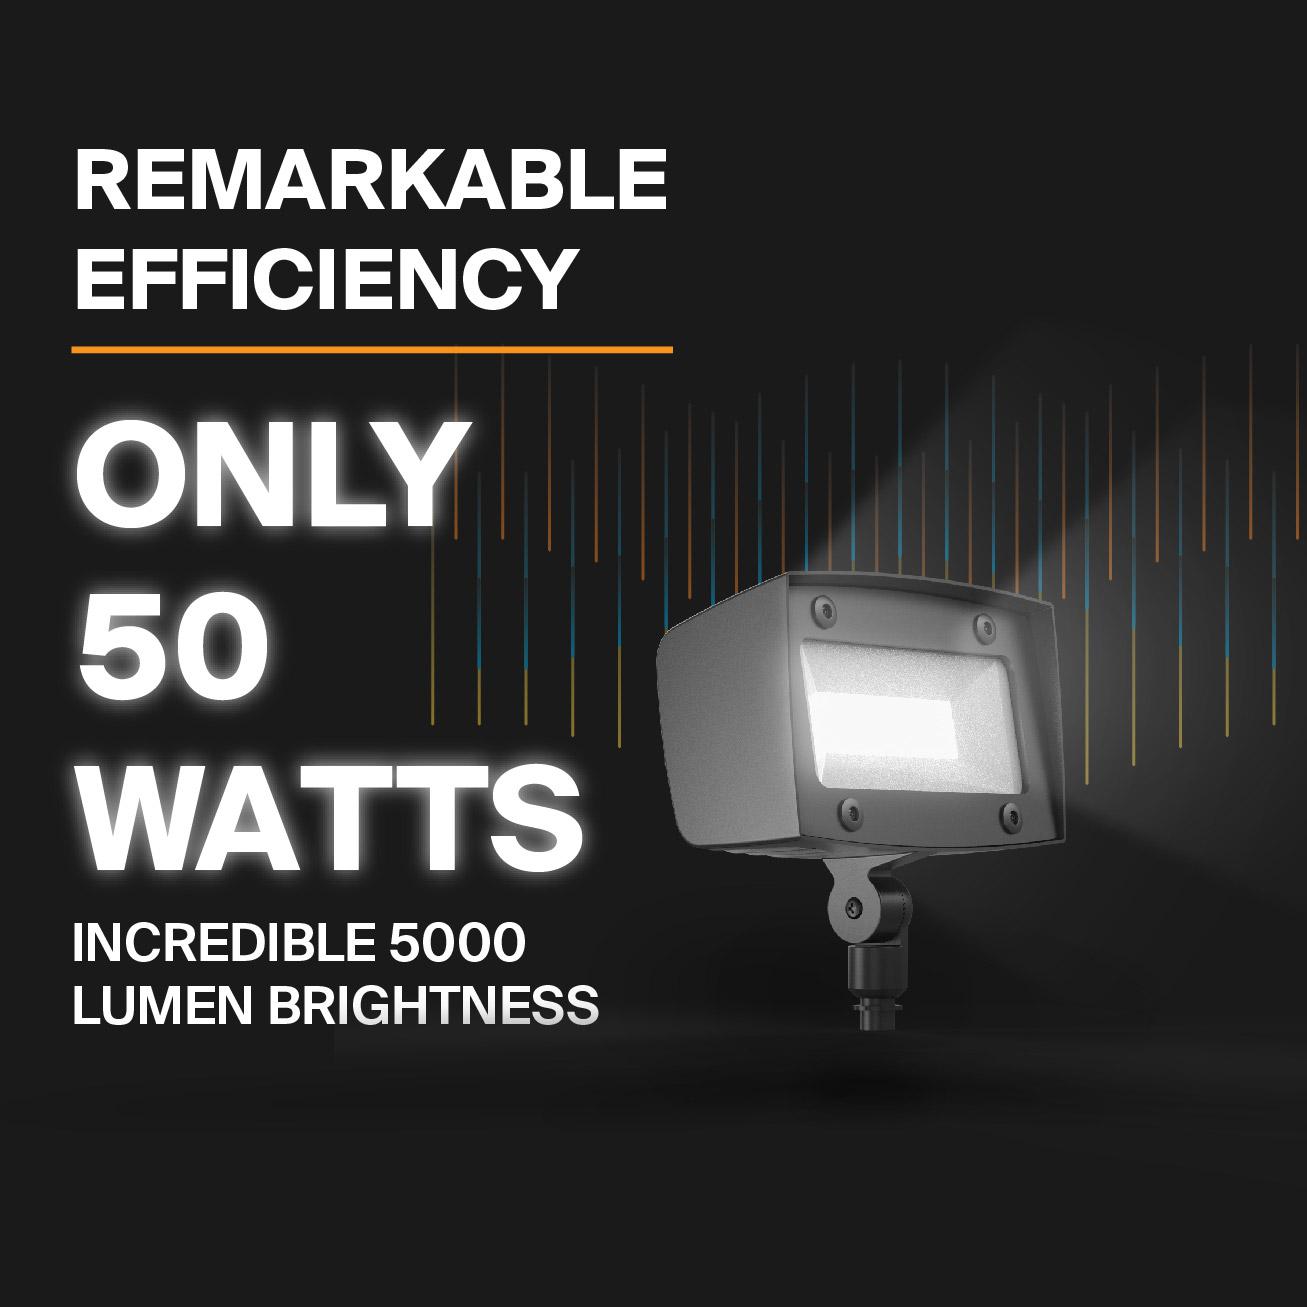 Probrite Powerflood50 LED Flood Light Efficient